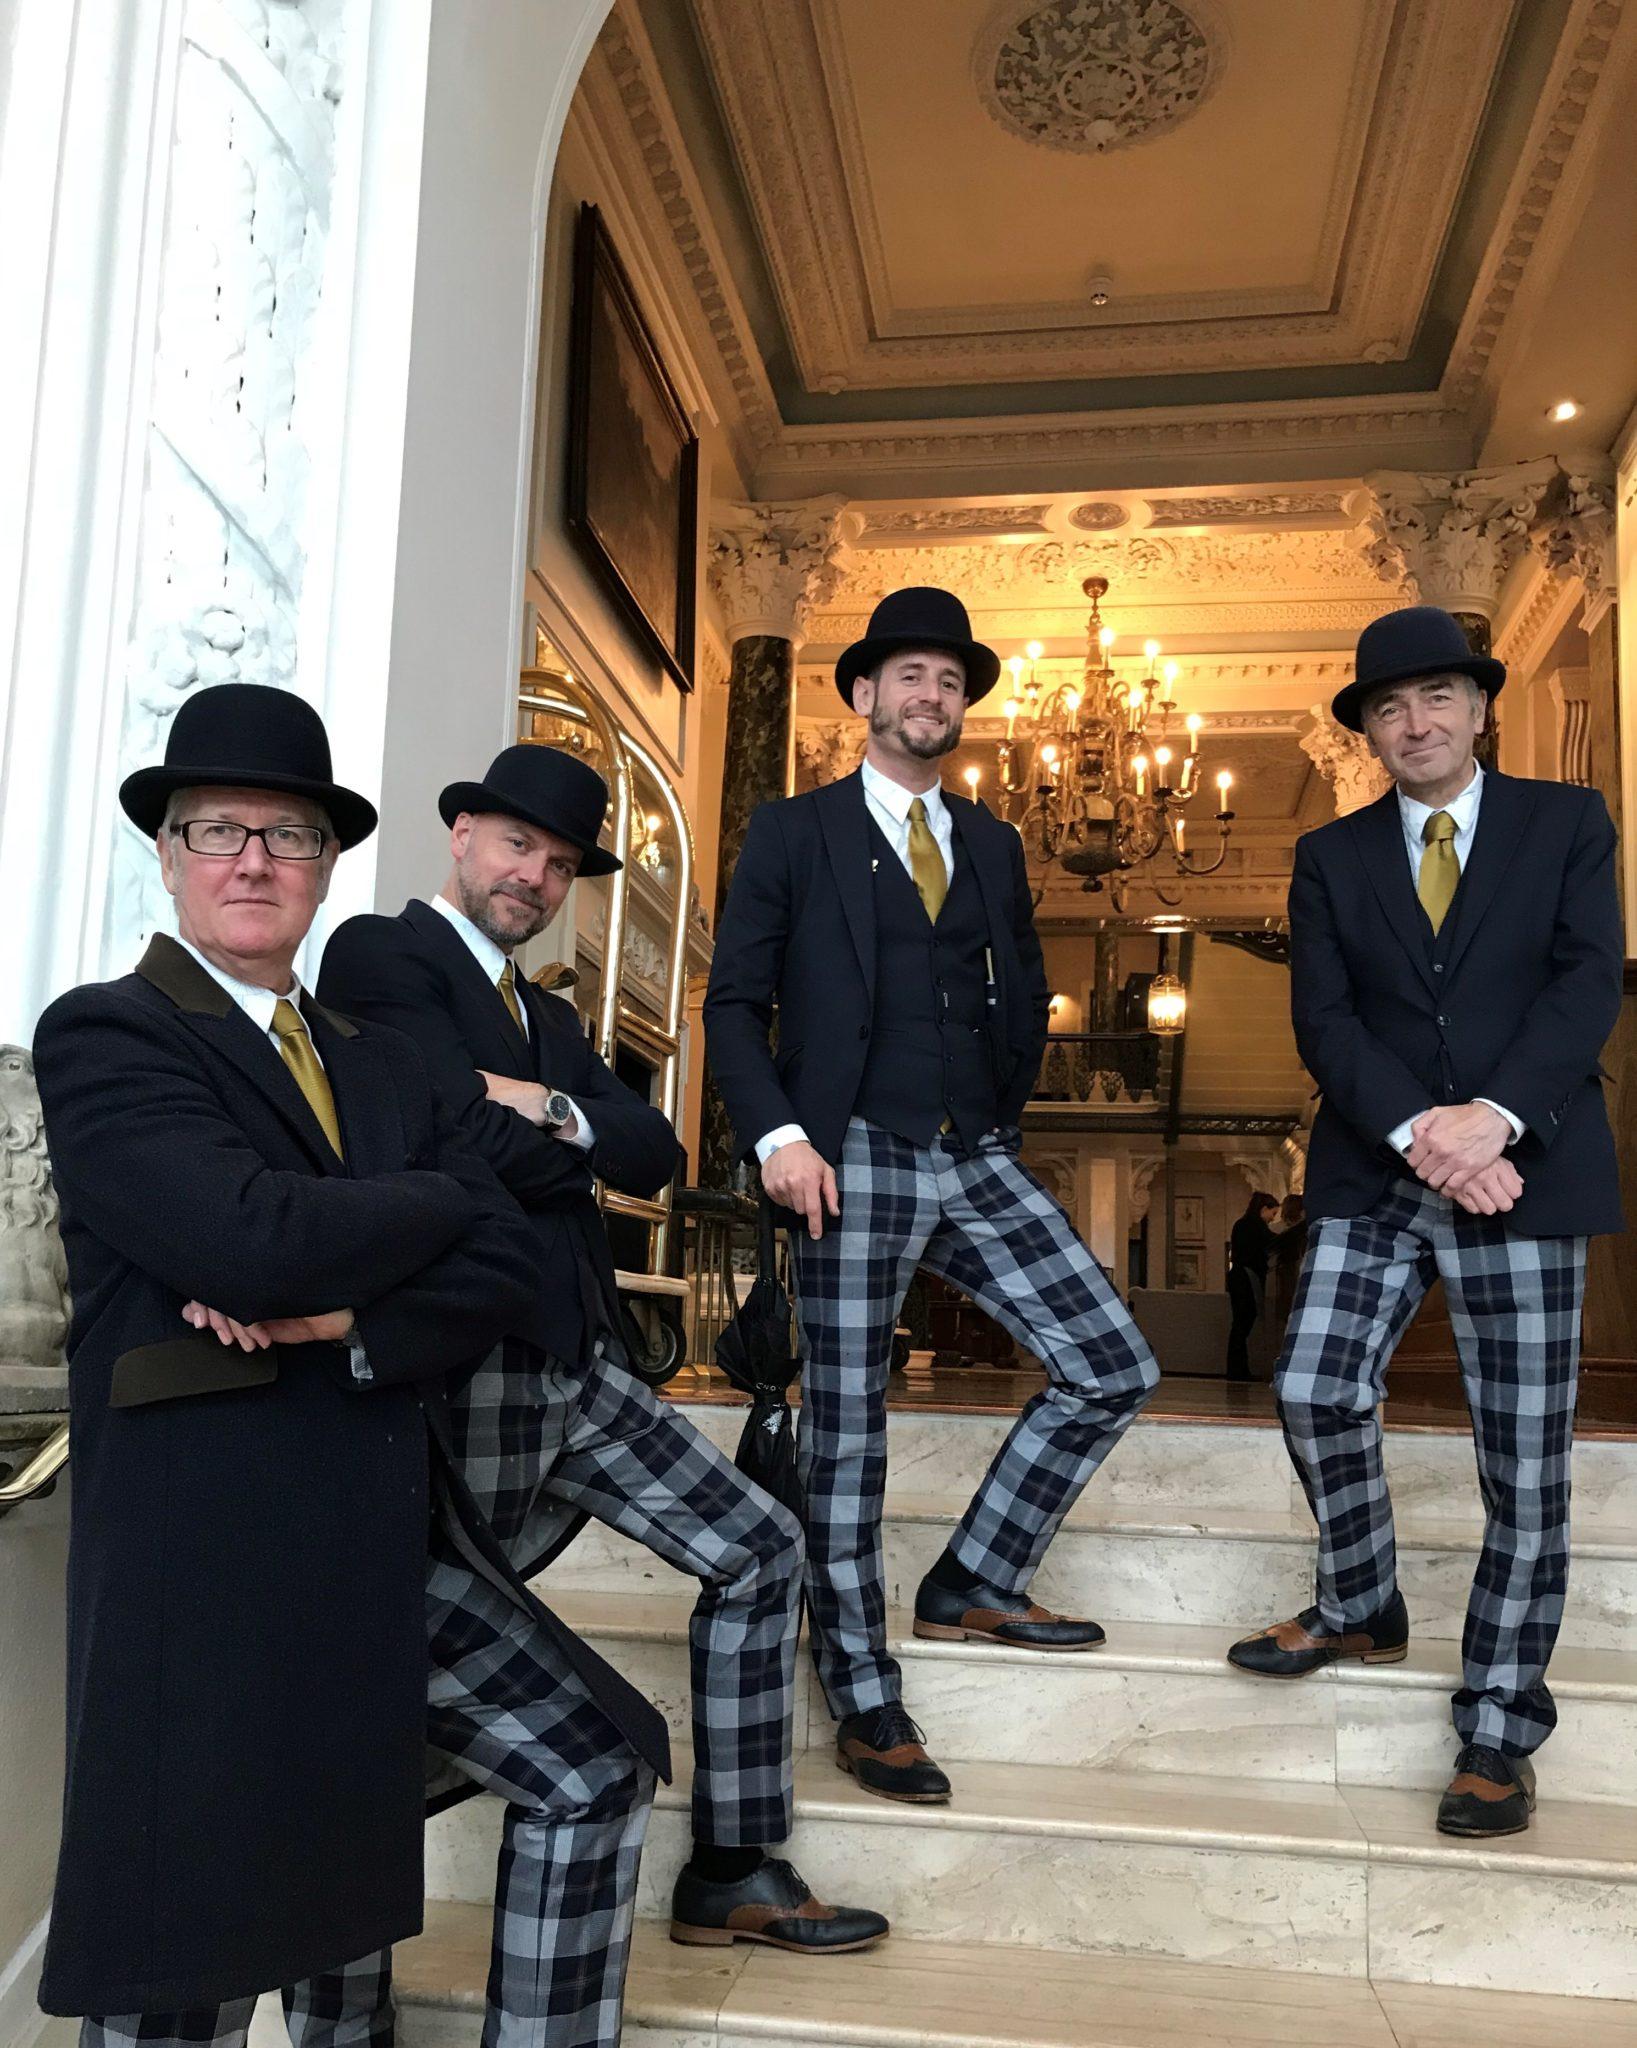 The Grand Brighton concierge